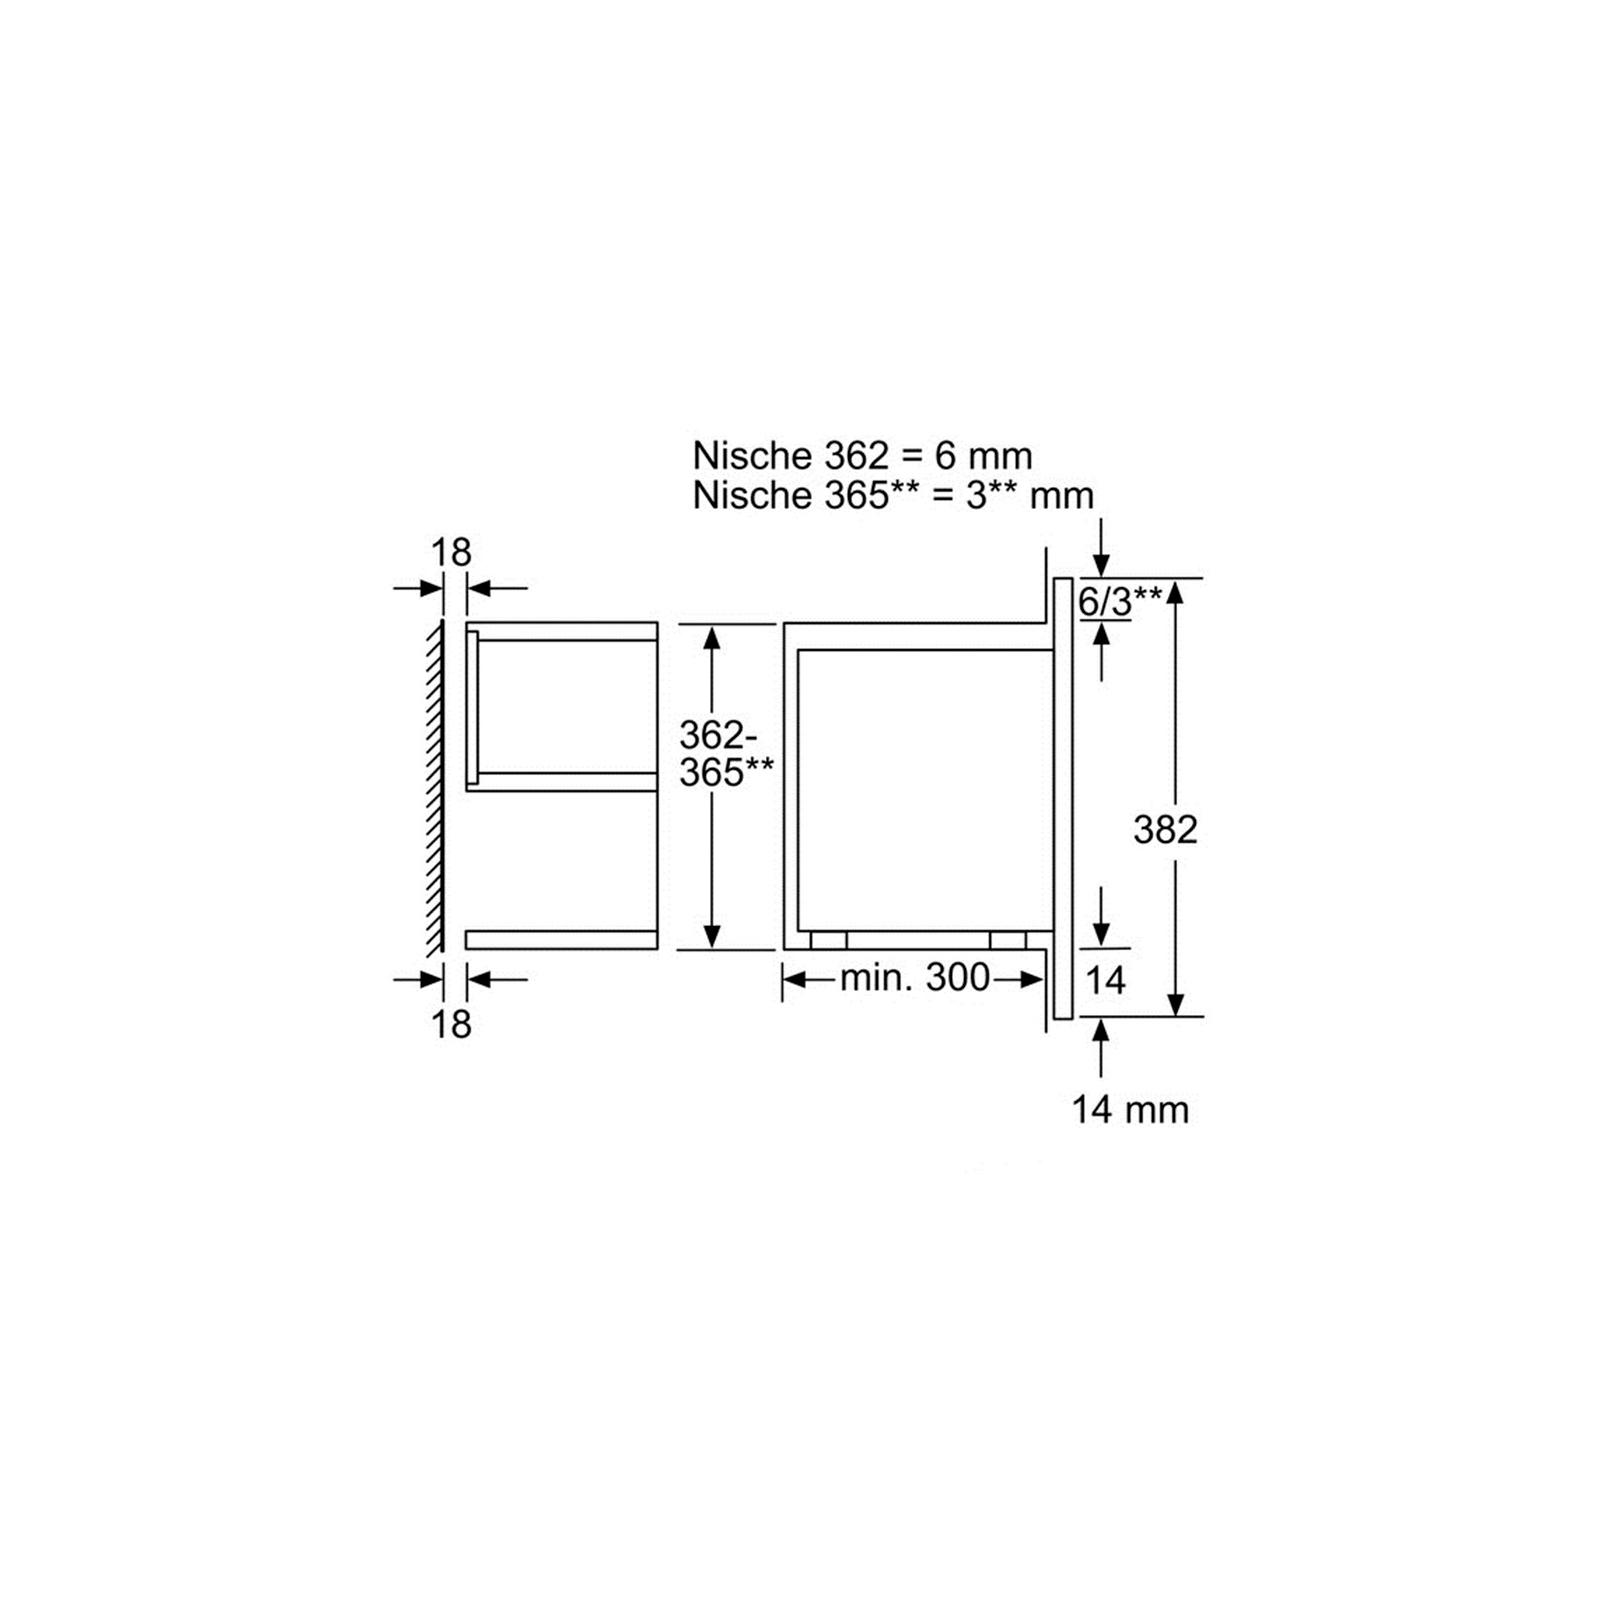 Микроволновая печь BOSCH BFR 634 GW1 (BFR634GW1) изображение 5